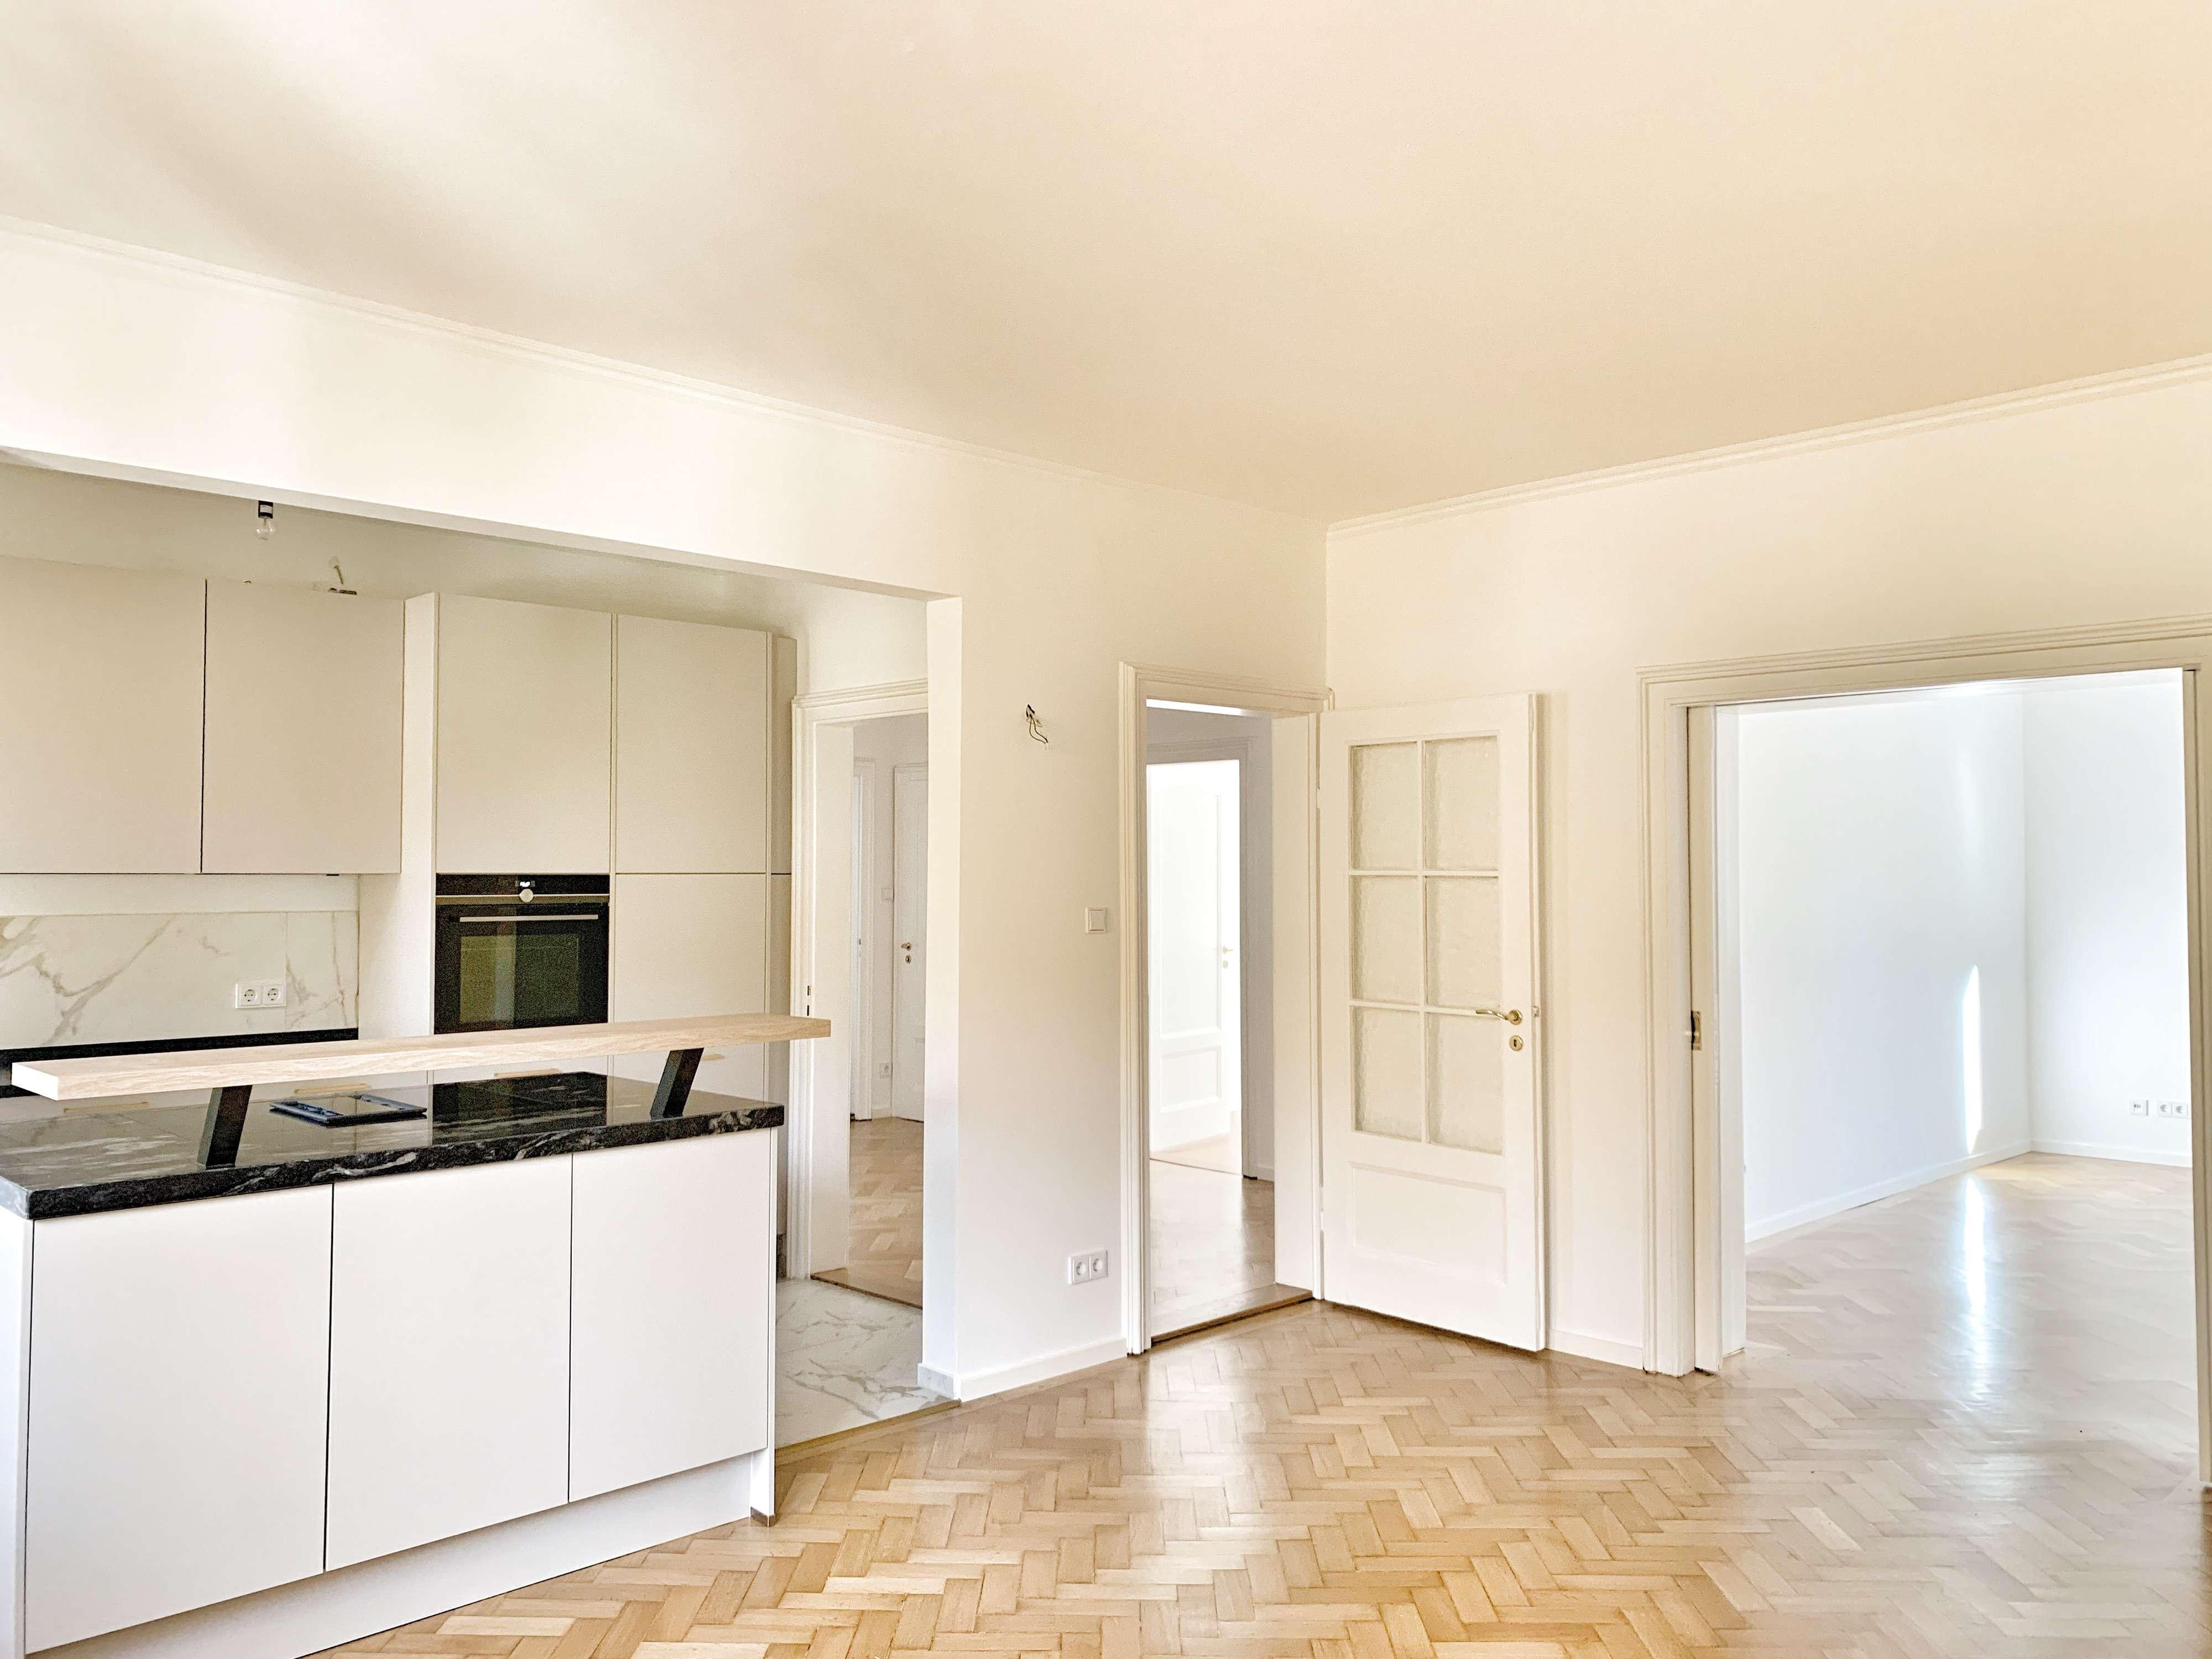 Exklusive Wohnung im Herzogpark - 4 Zimmer Erstbezug nach Sanierung mit offener Wohnküche und Balkon in Bogenhausen (München)